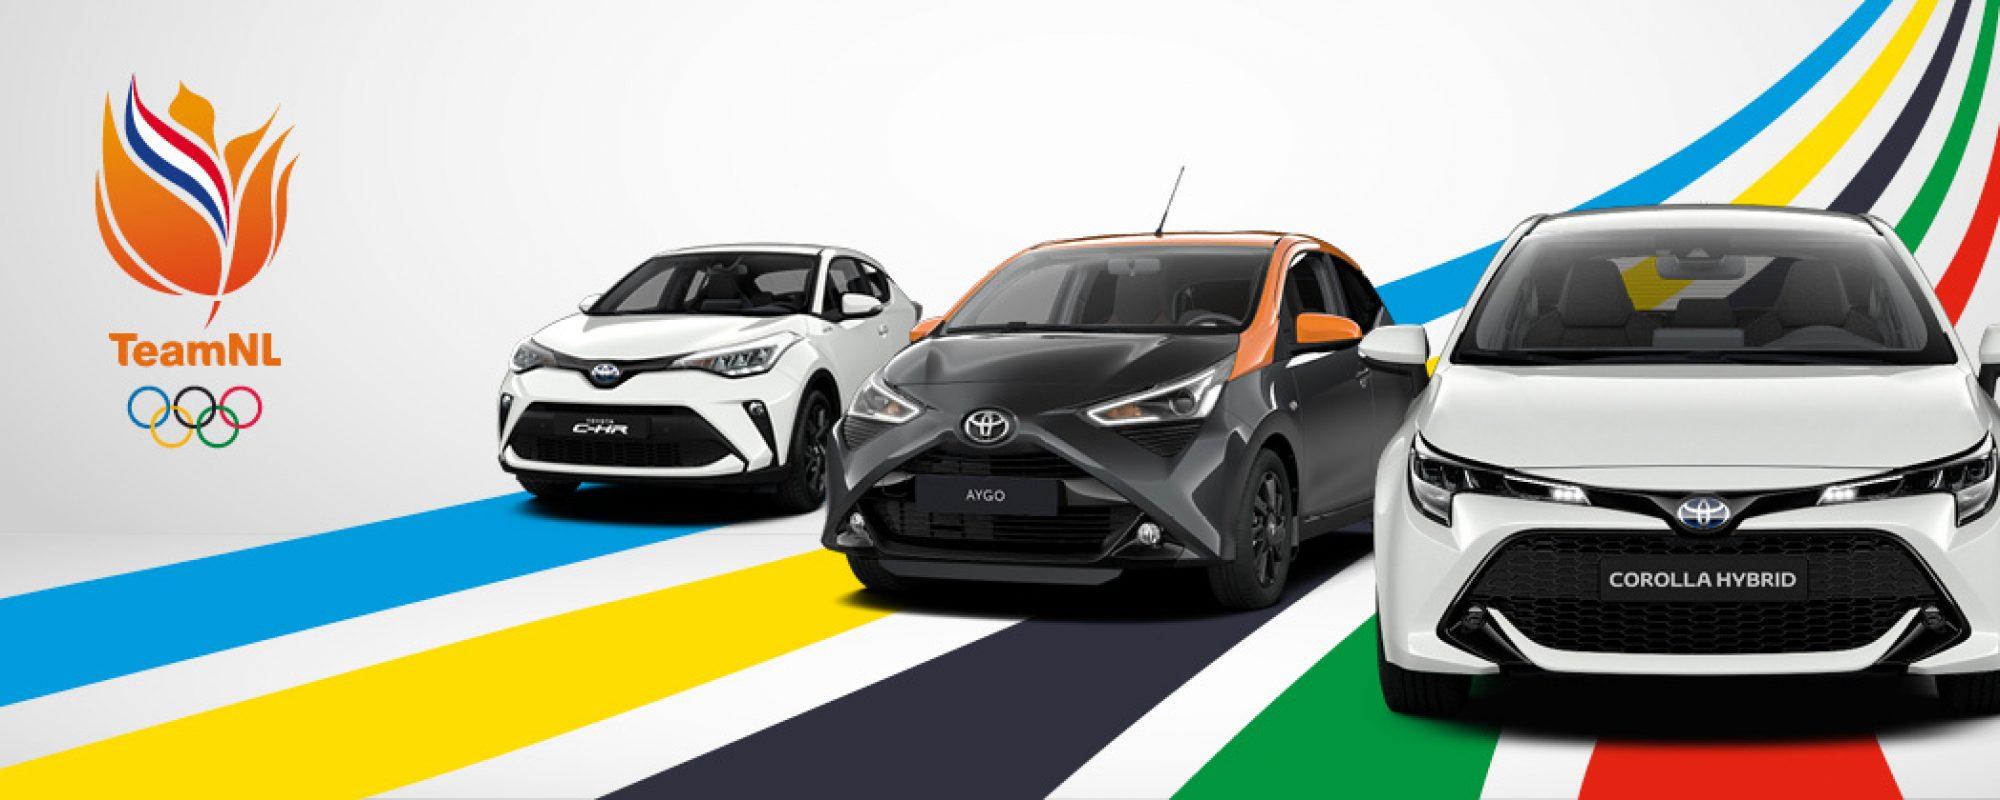 Toyota introduceert sportieve TeamNL-edities van zijn populairste modellen